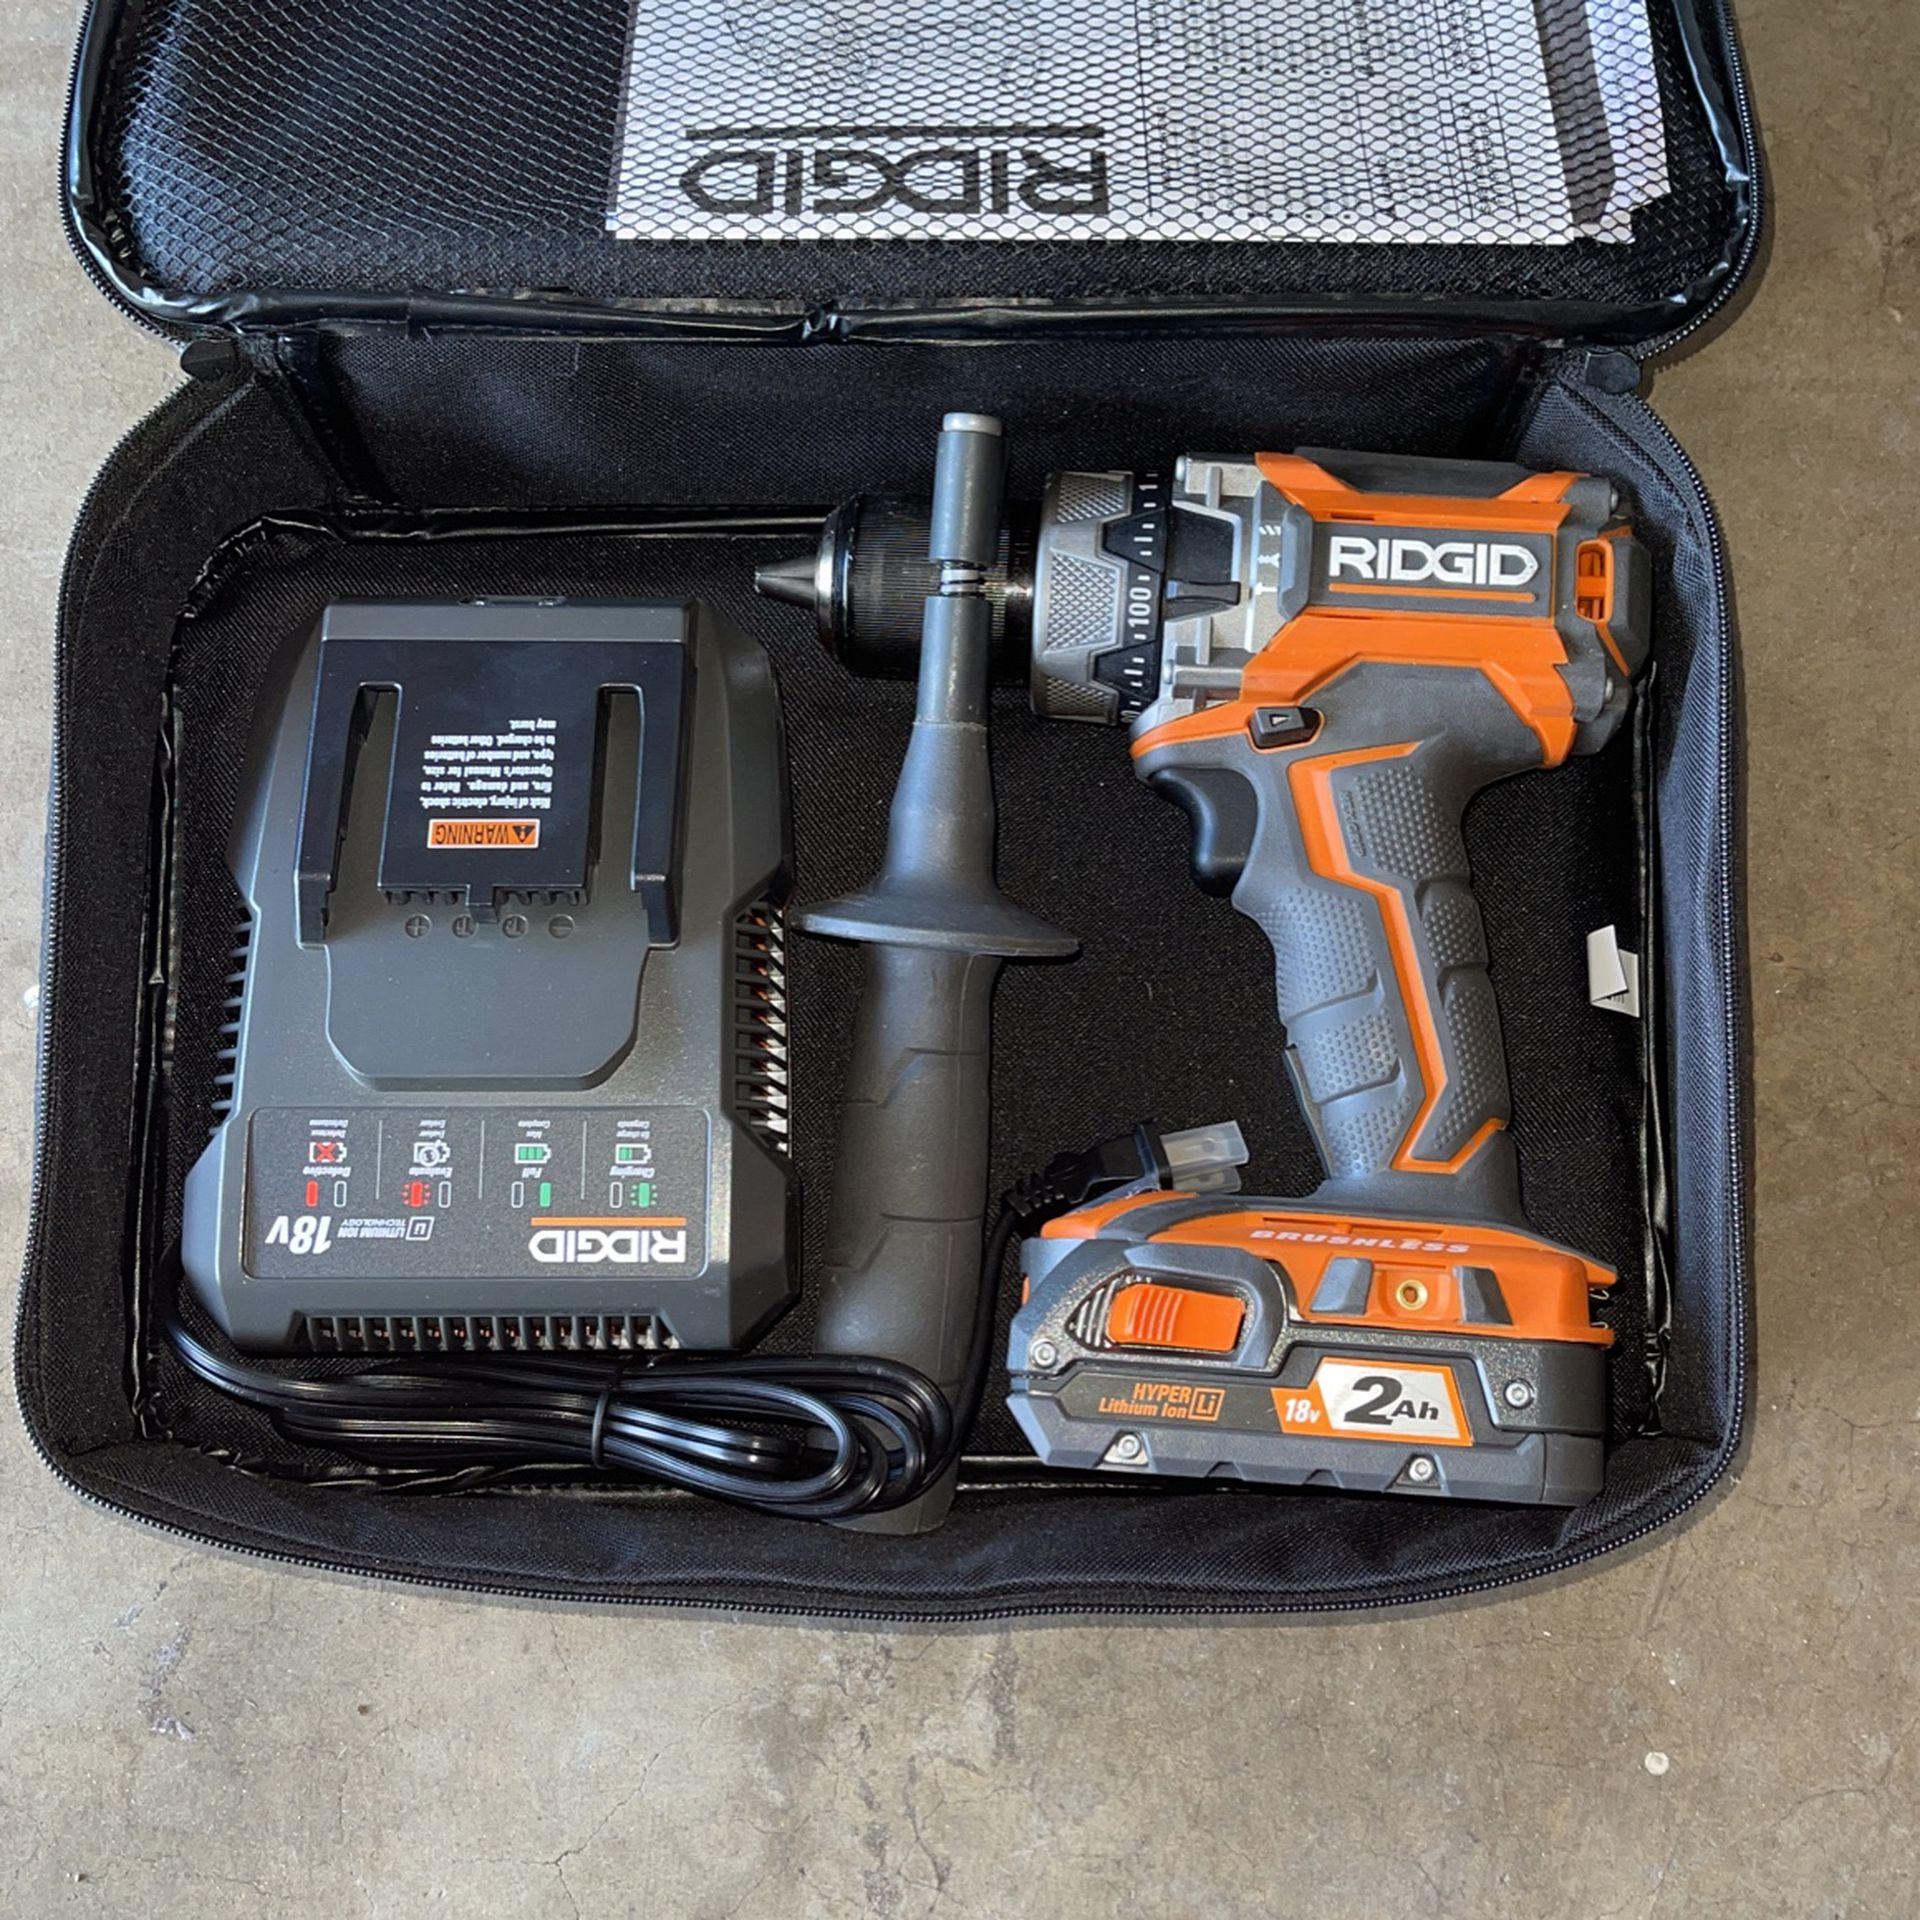 RIDGID 18V Brushless Hammer Drill Kit